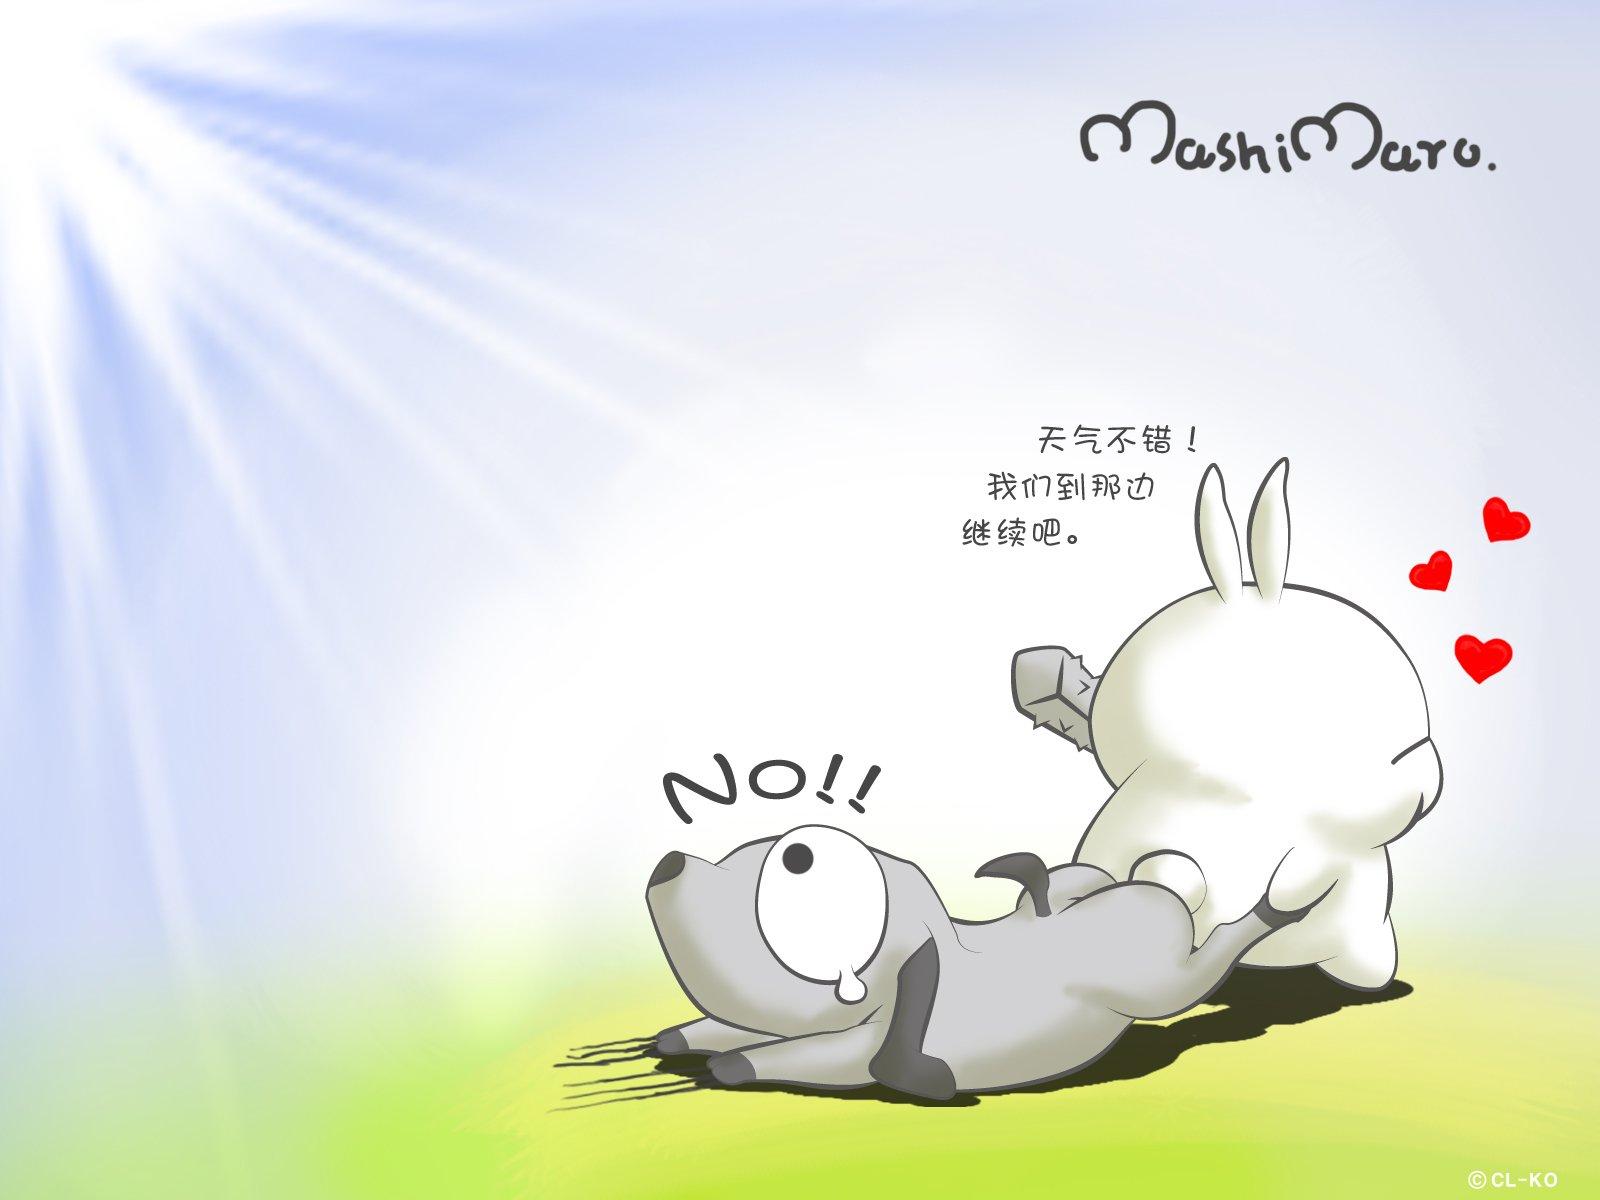 荣县招聘会,2021年9月近期荣县人才招聘安排